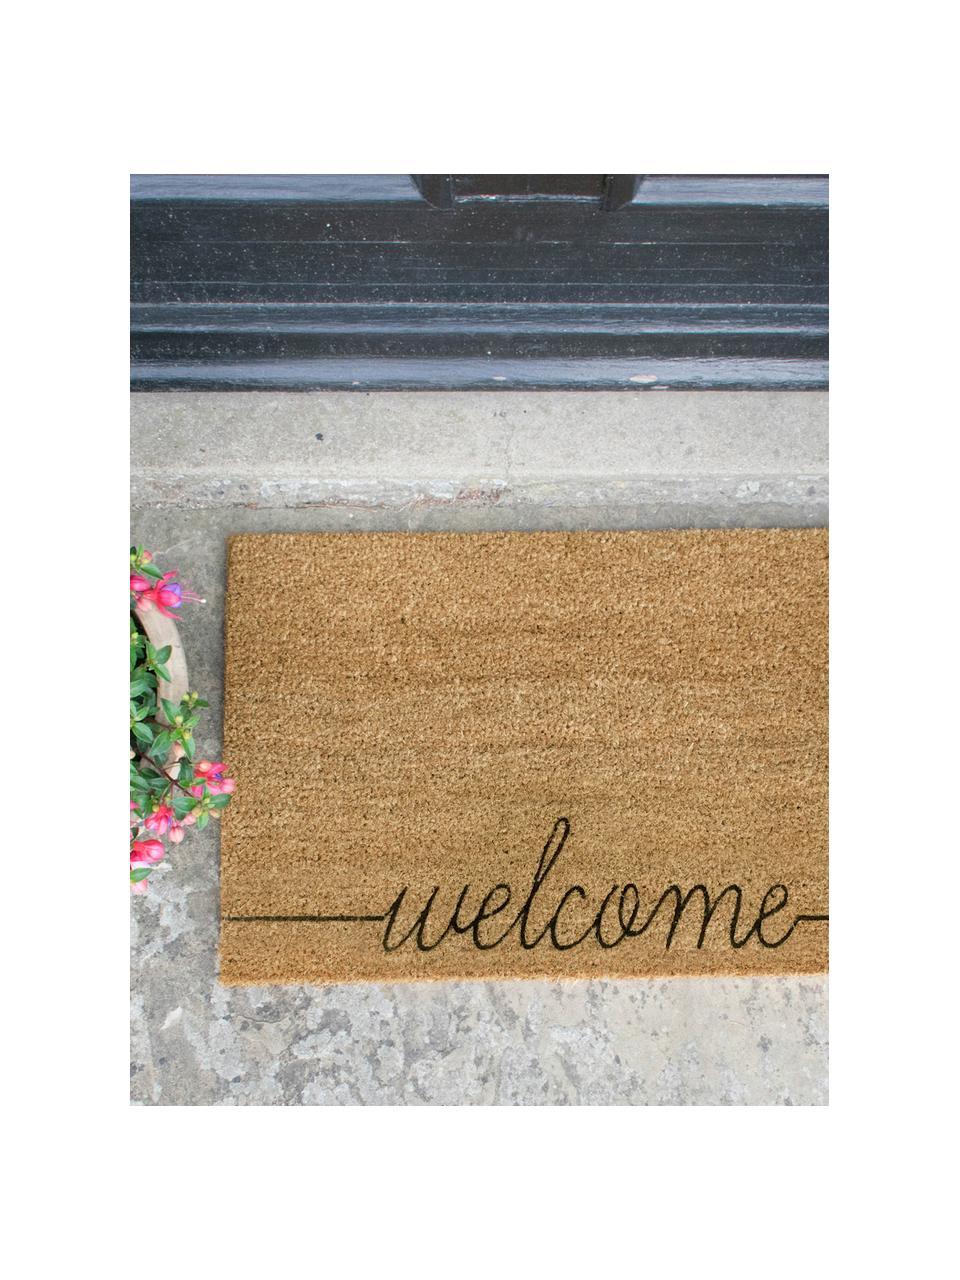 Fußmatte Welcome, Kokosfaser, Fußmatte: Beige, Schriftzug: Schwarz, 40 x 60 cm